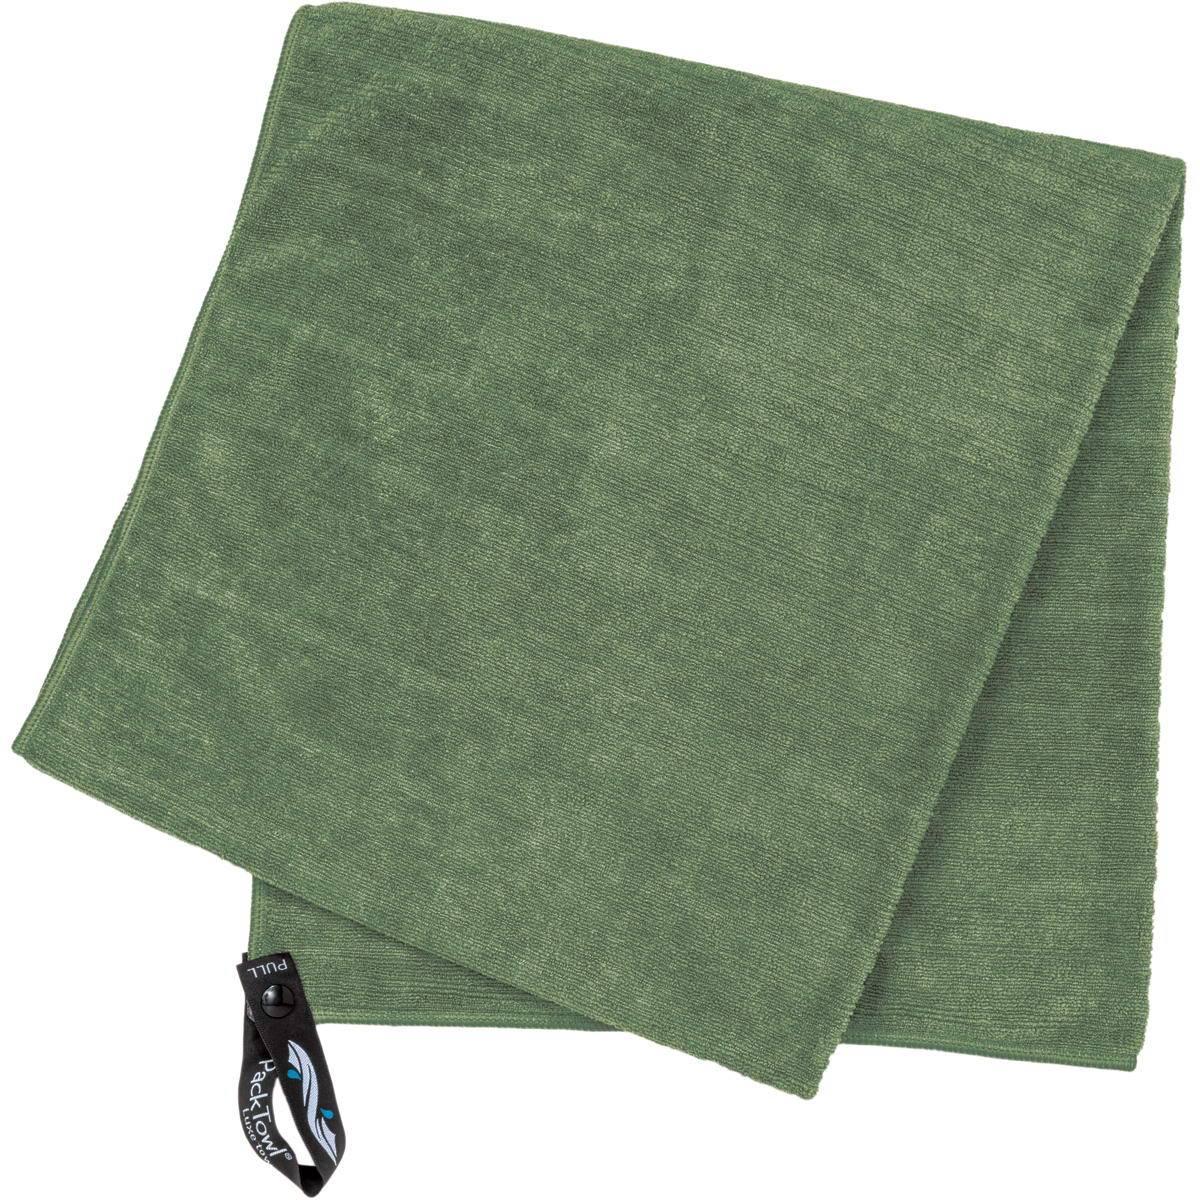 PackTowl Luxe Face - Outdoor-Handtuch rainforest - Bild 5